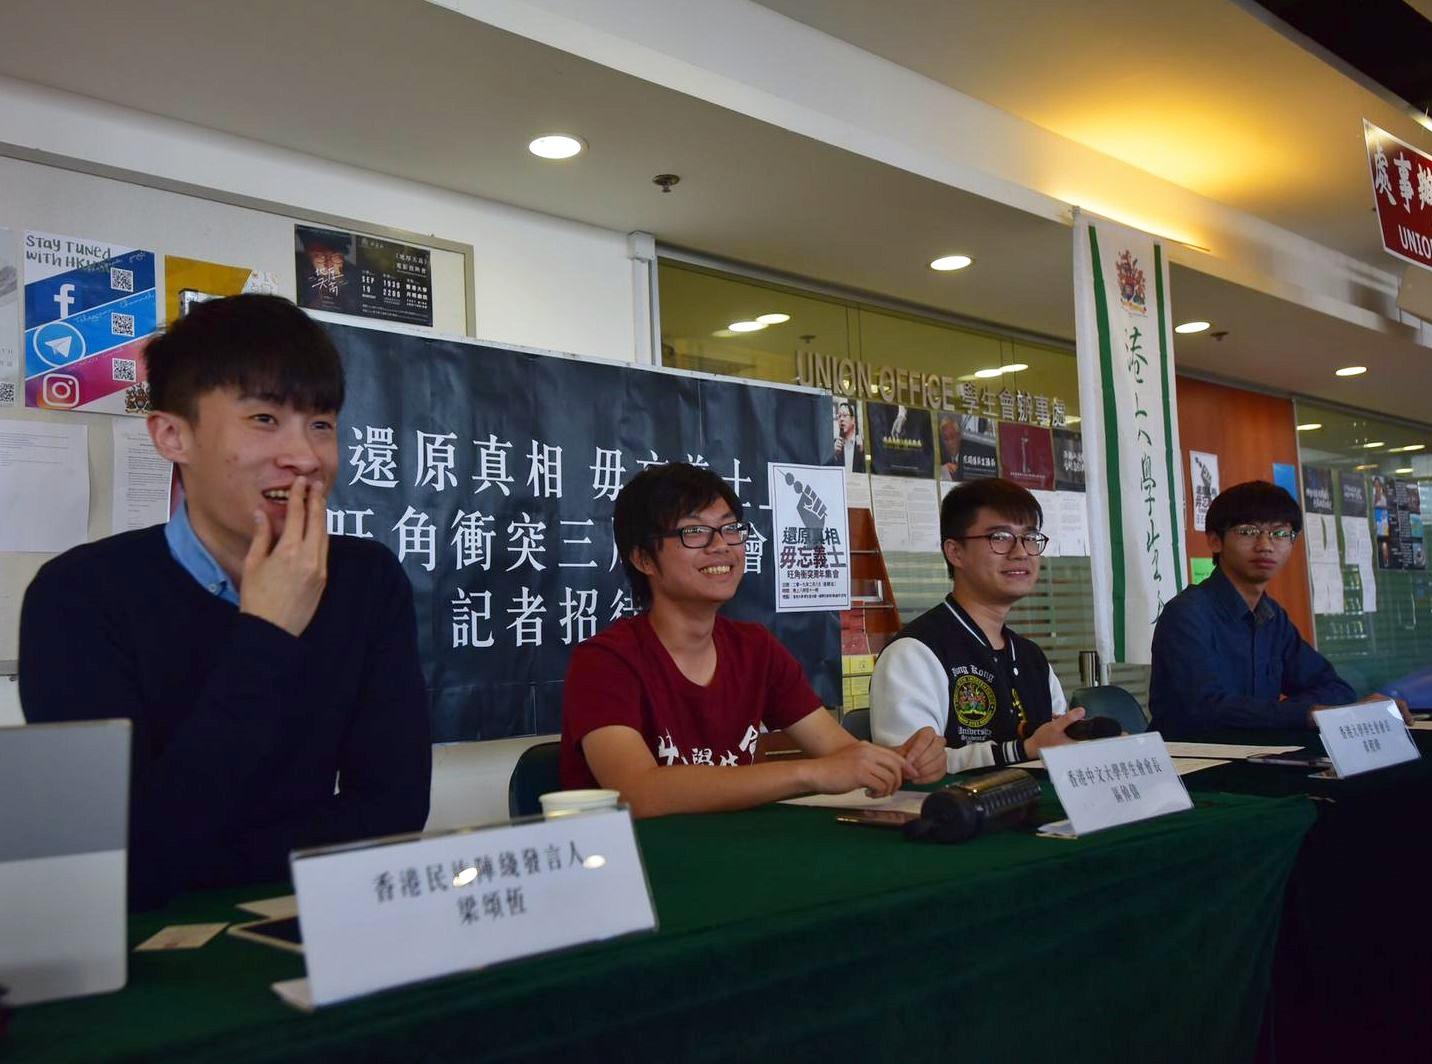 3間大學學生會及組織計劃舉辦3周年集會。